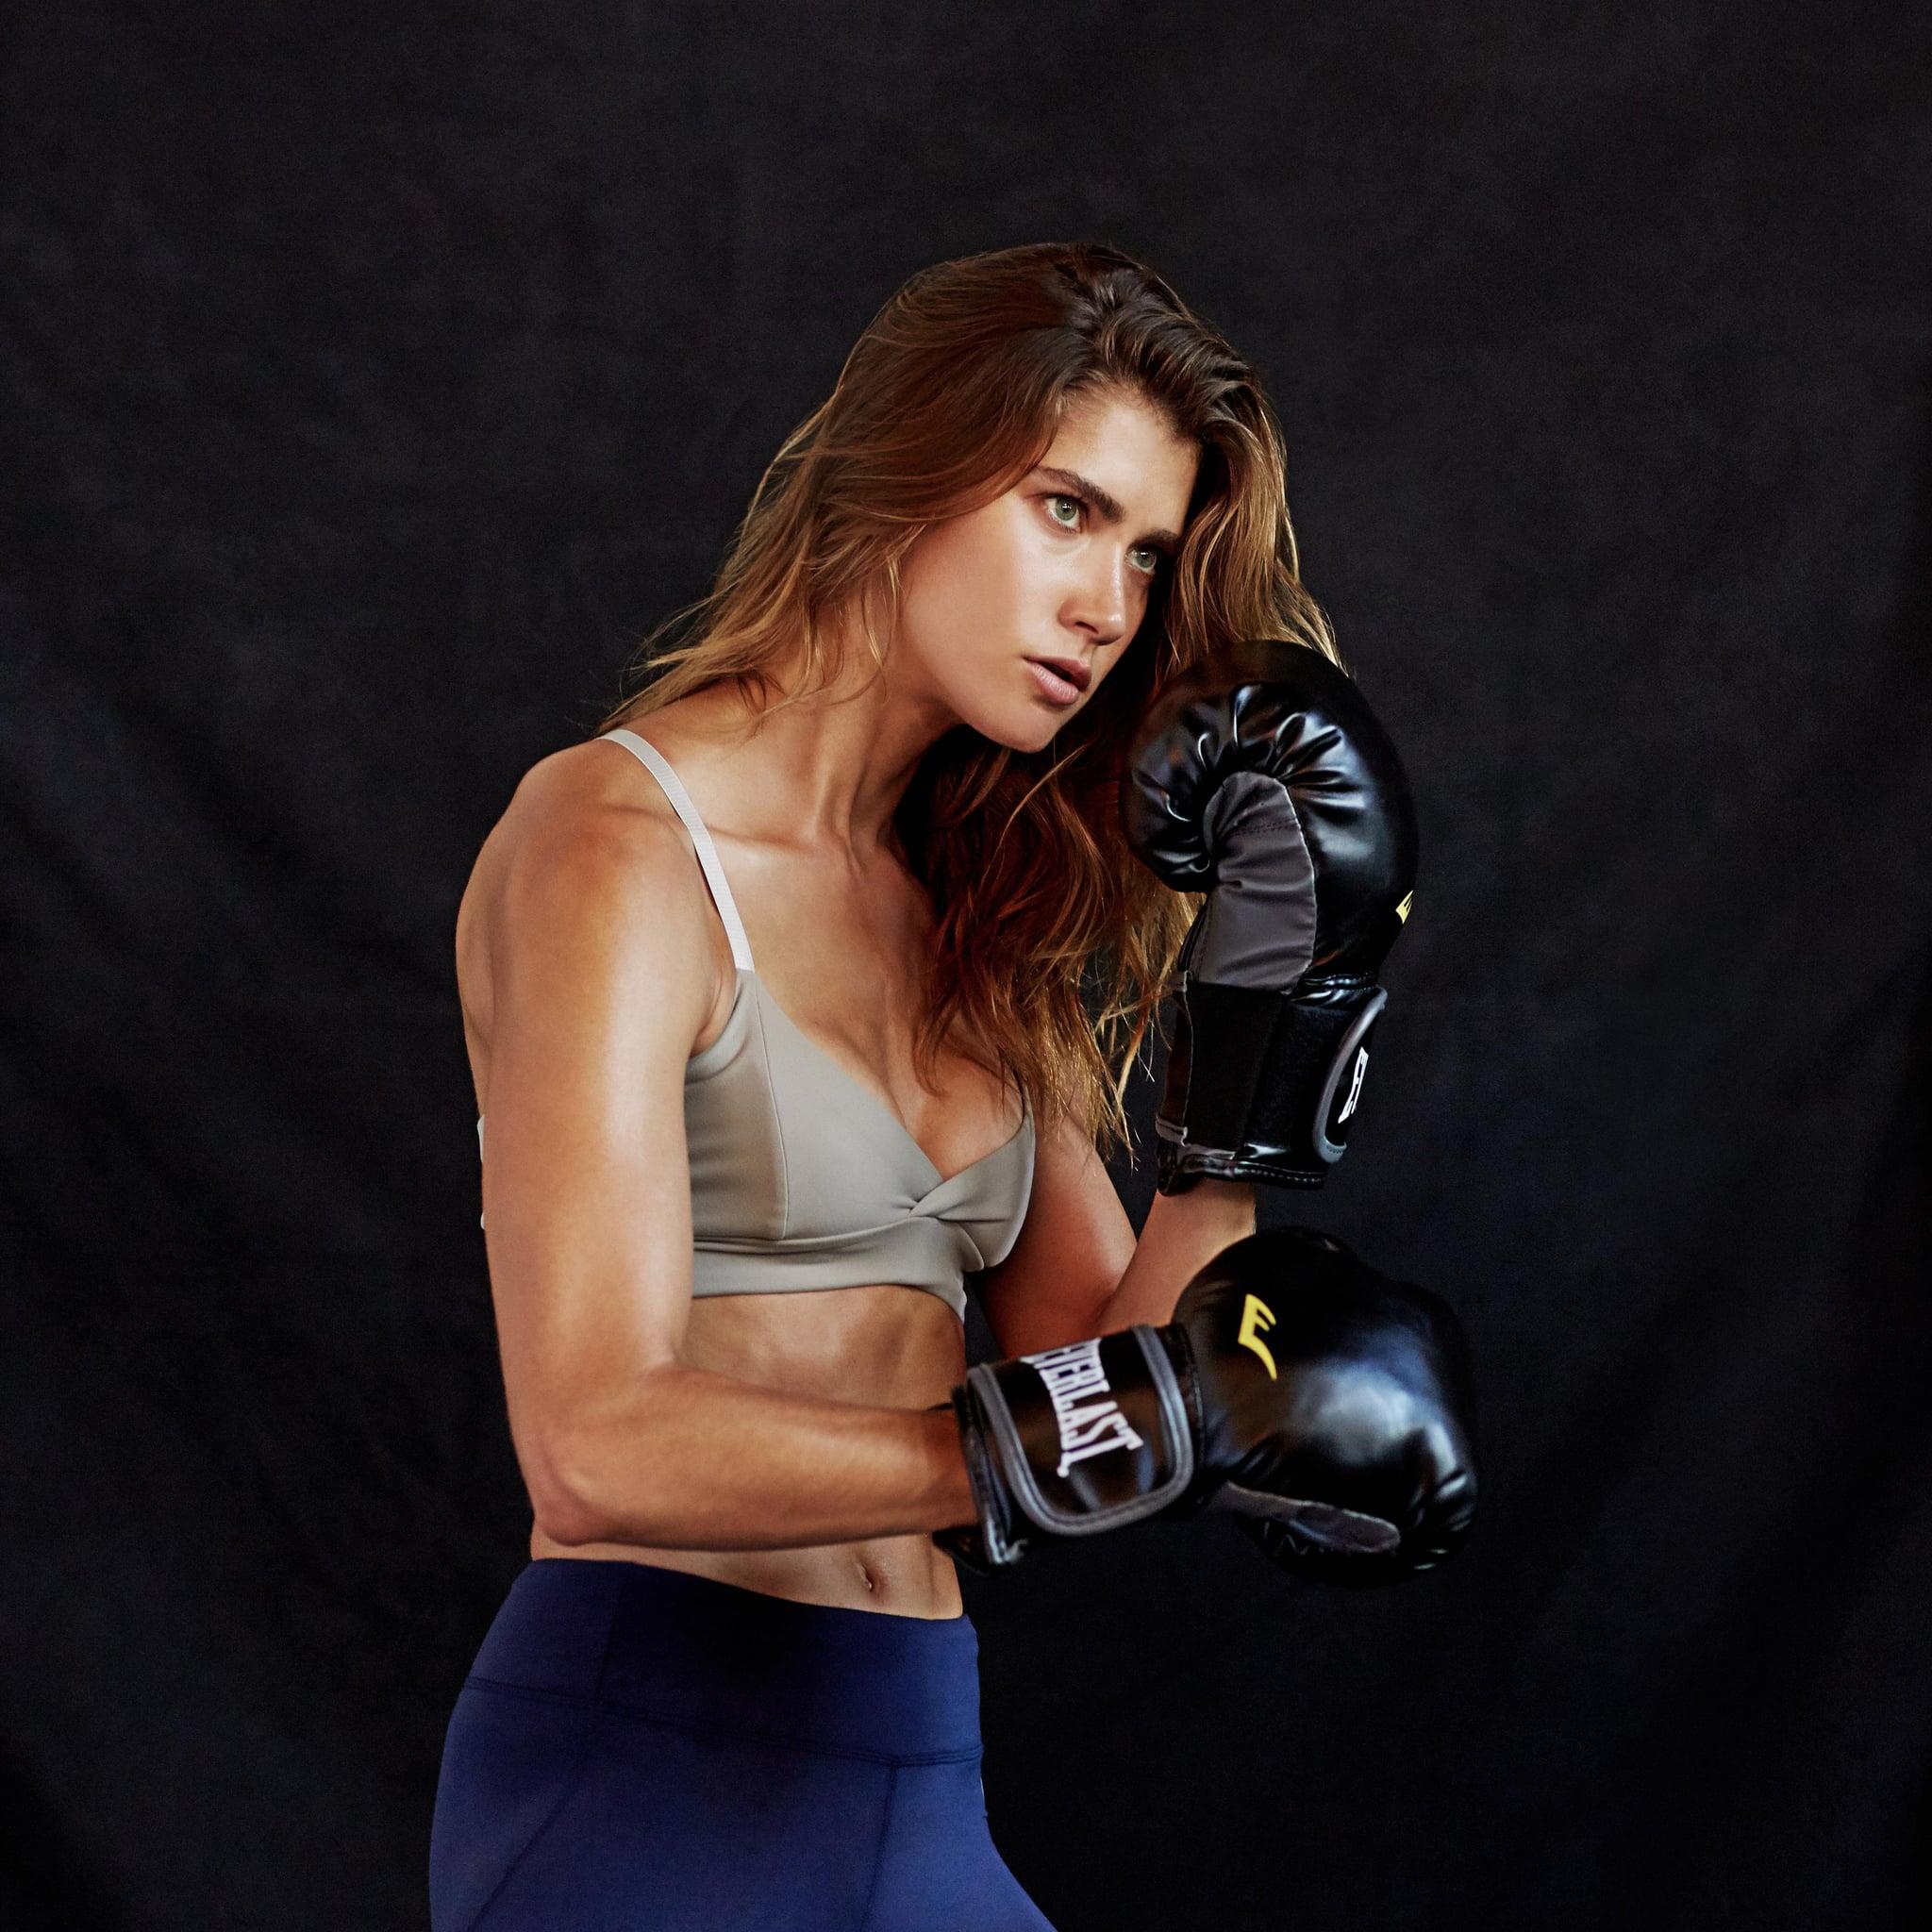 06917b8b94 Best Boxing Gear For Women